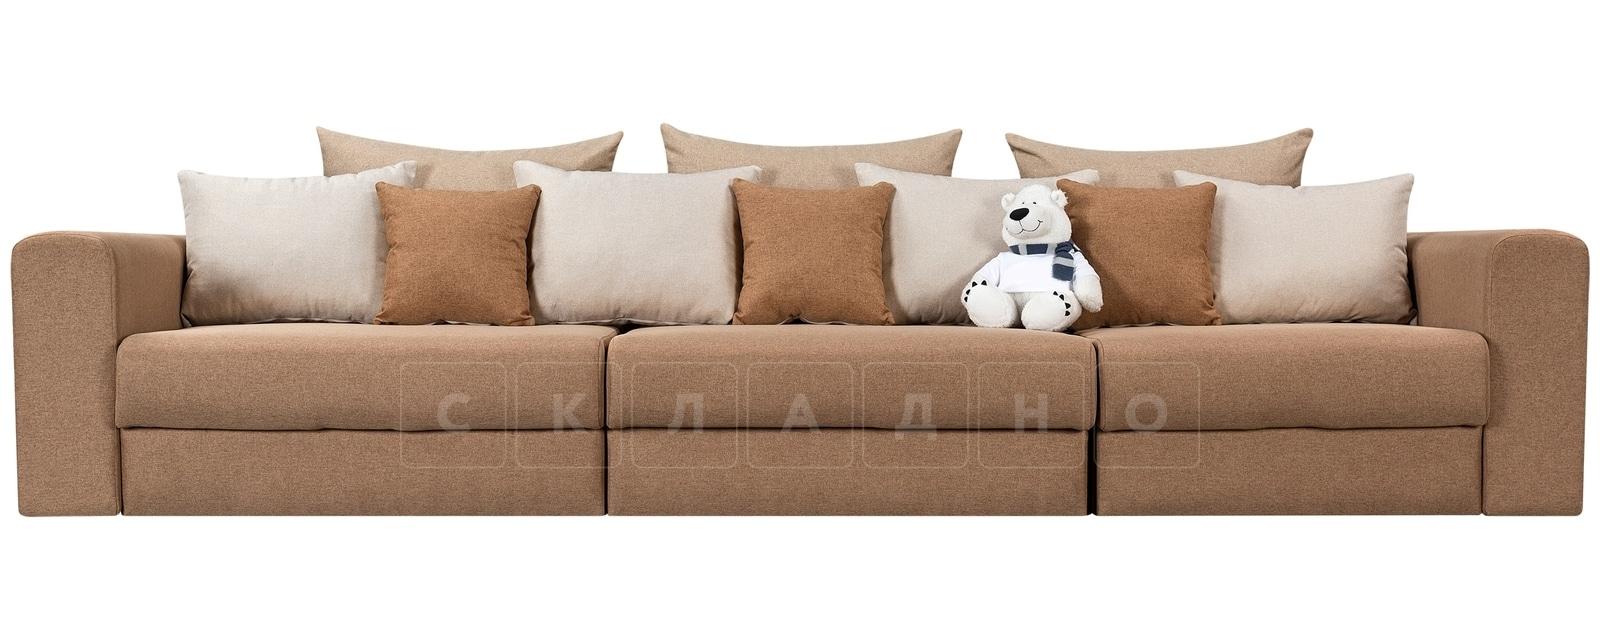 Диван Медисон коричневый 325 см фото 2 | интернет-магазин Складно